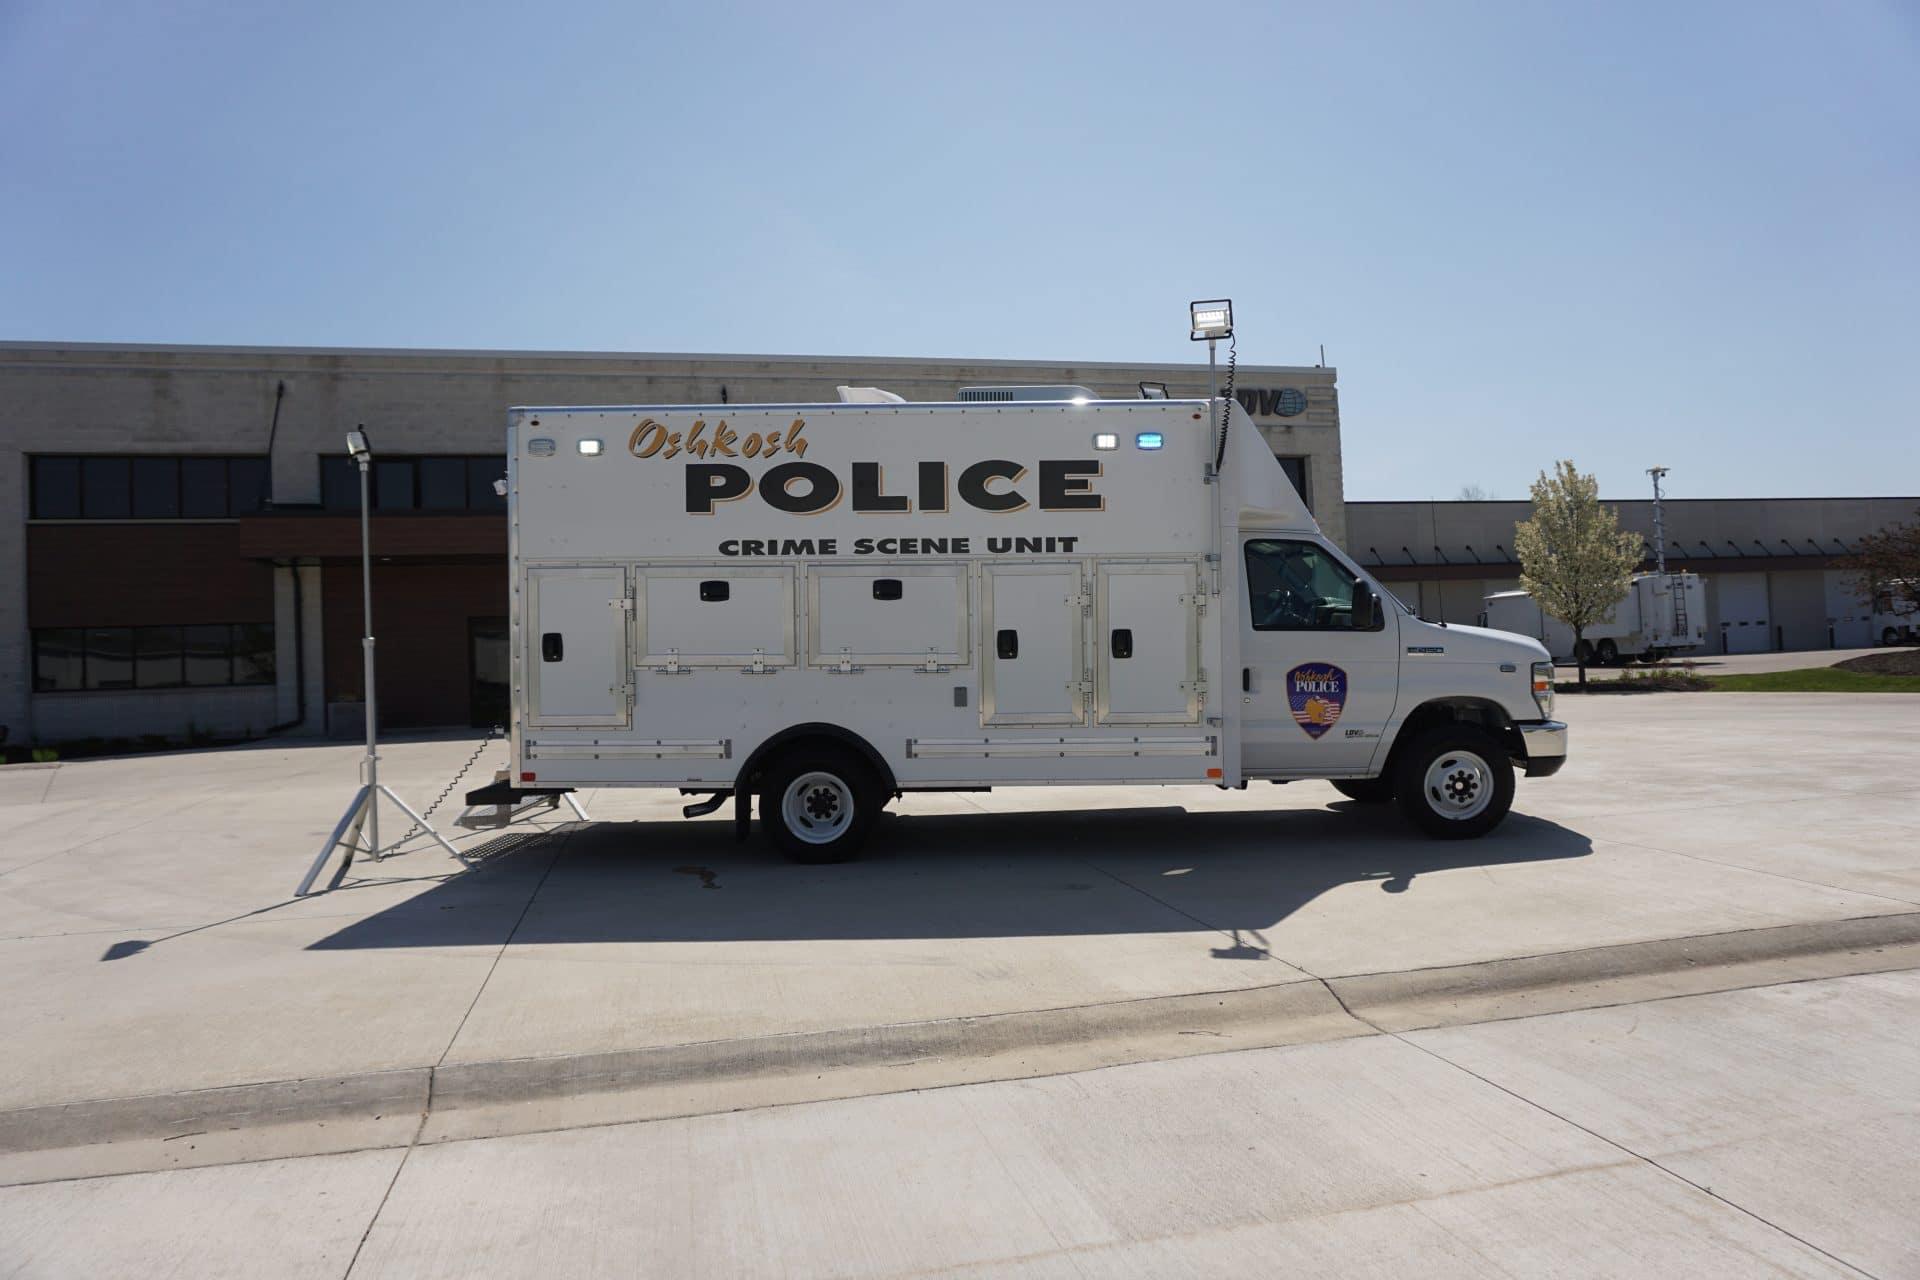 Oshkosh PD LDV crime scene vehicle